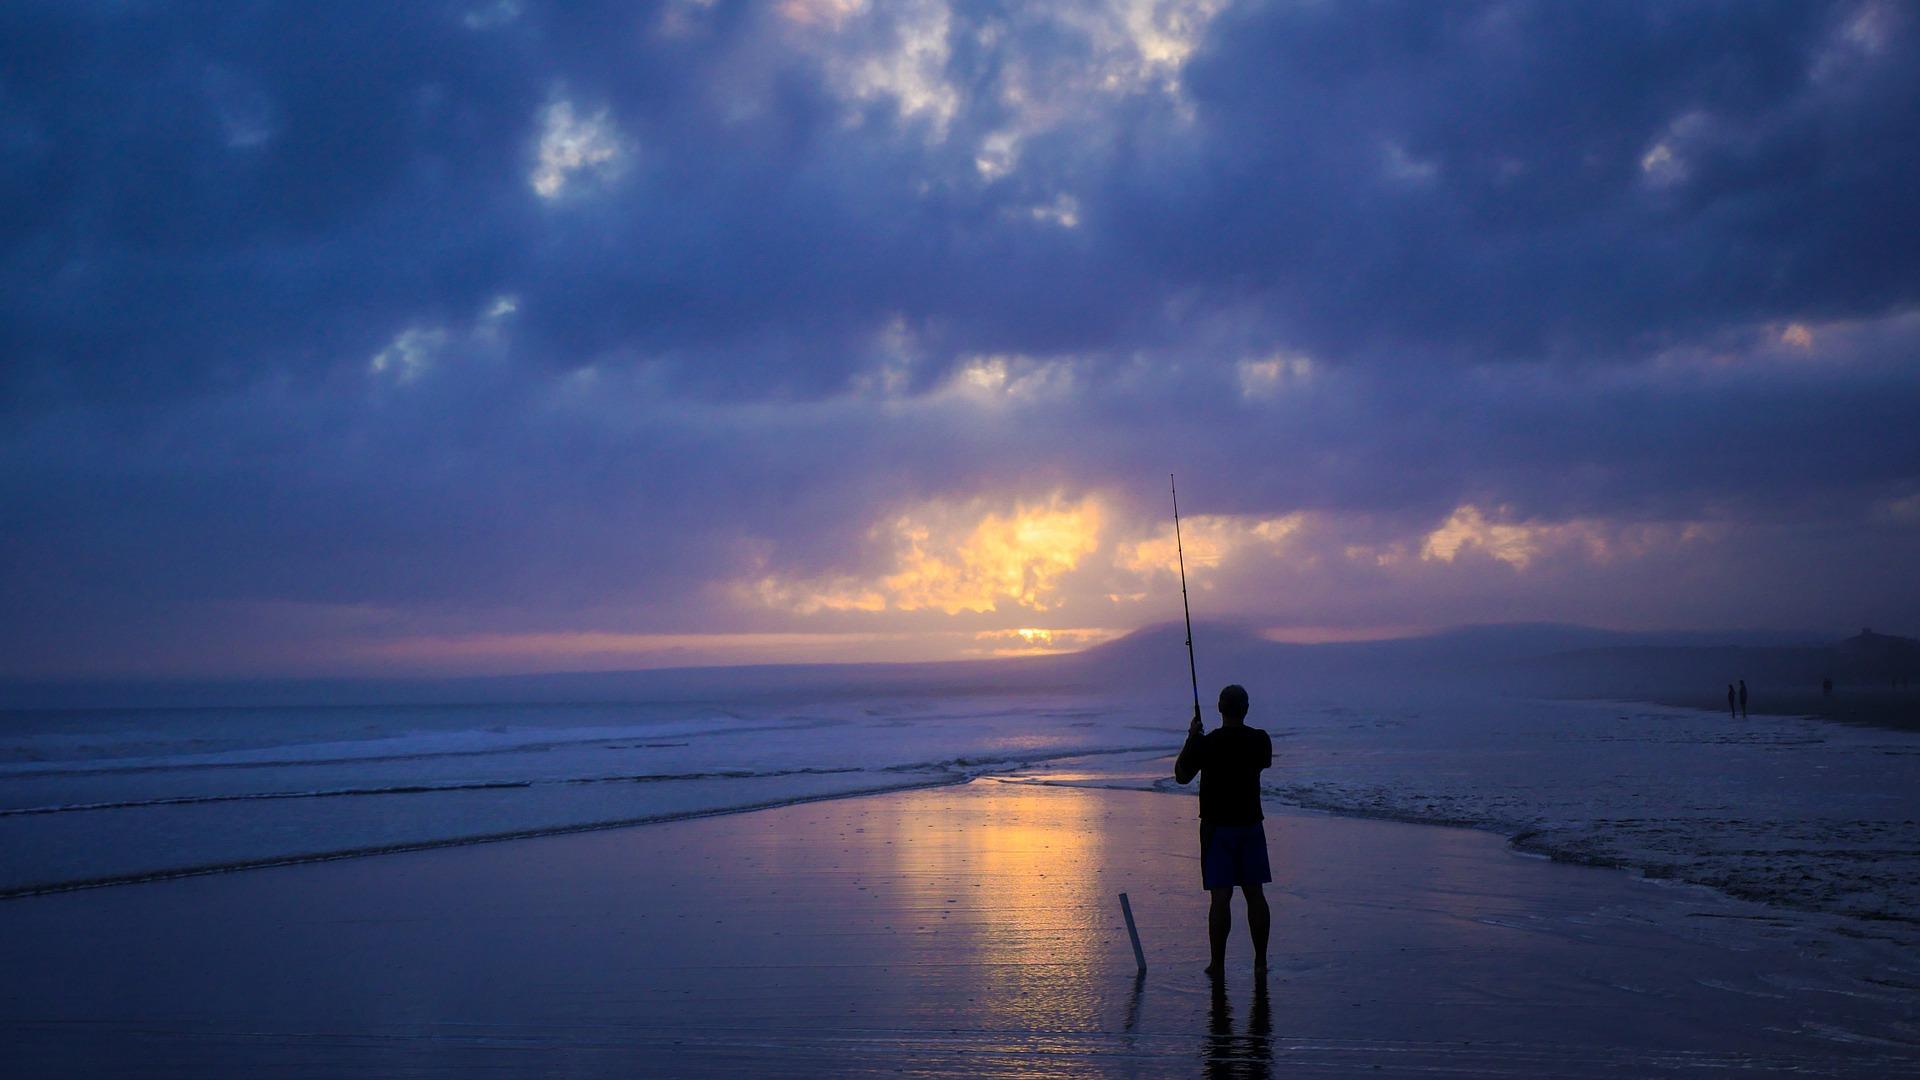 Man Sea Fishing